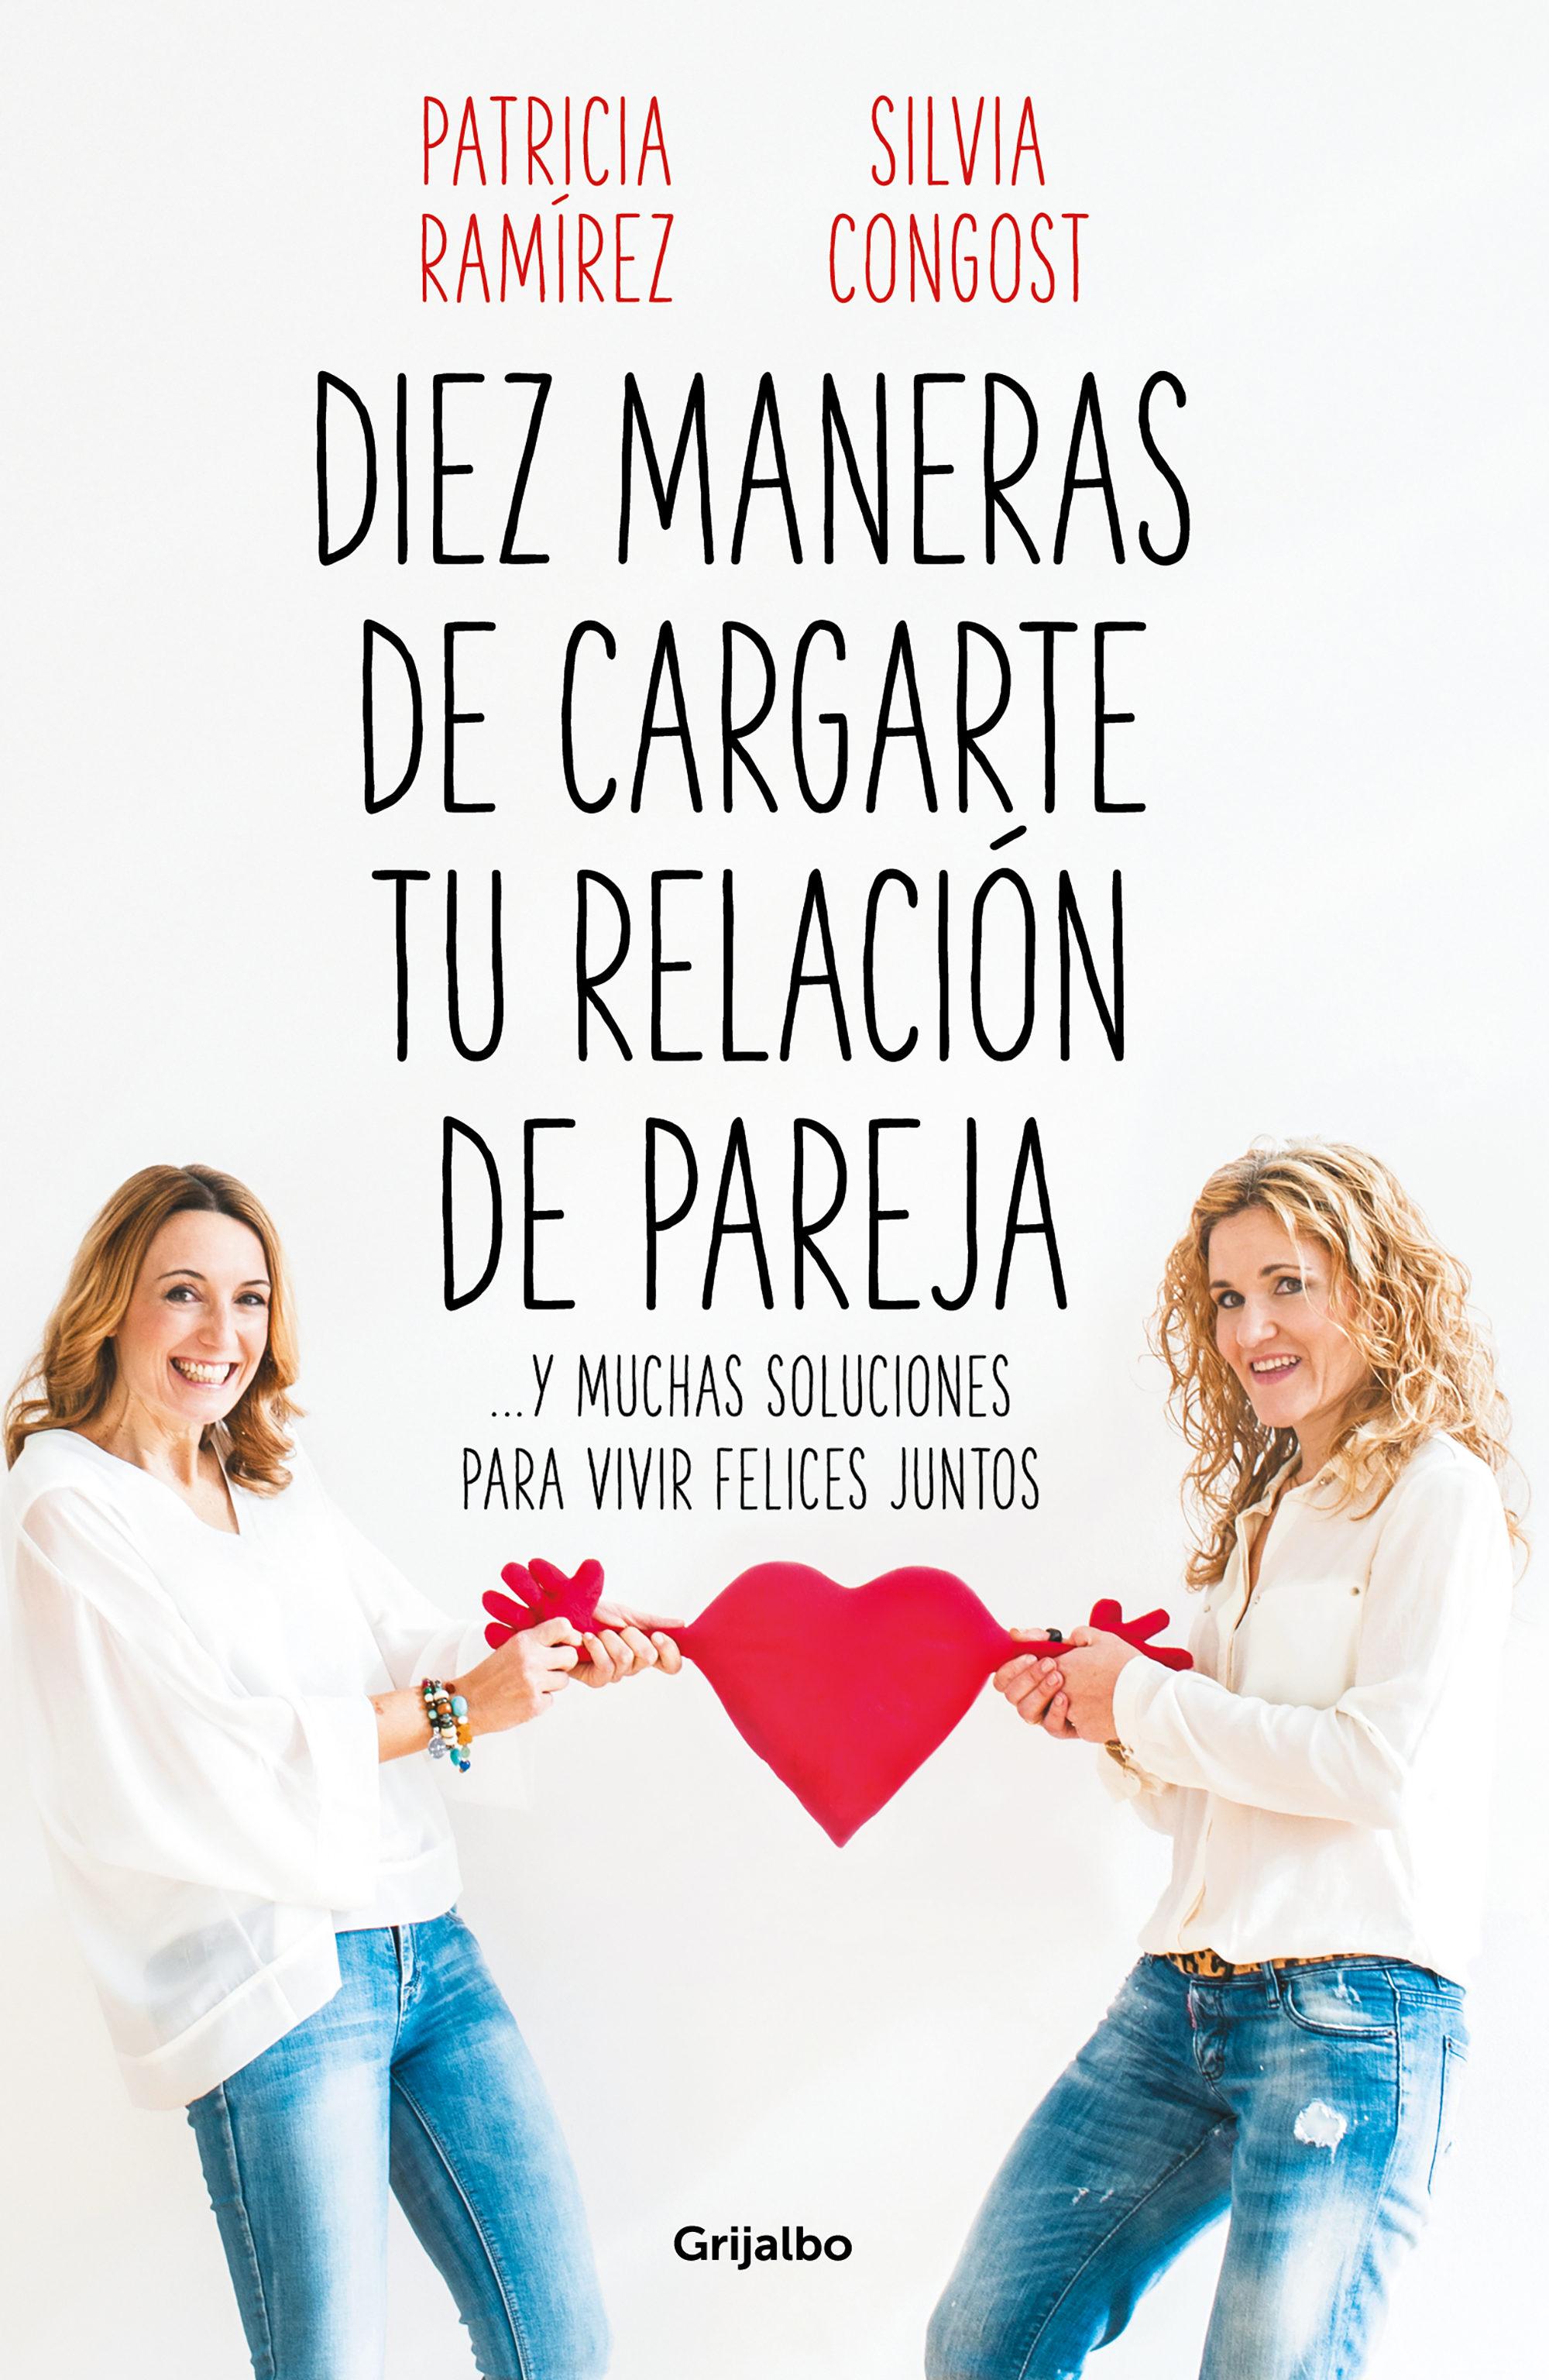 Diez maneras de cargarte tu relación de pareja, de Patricia Ramírez y Silvia Congost.